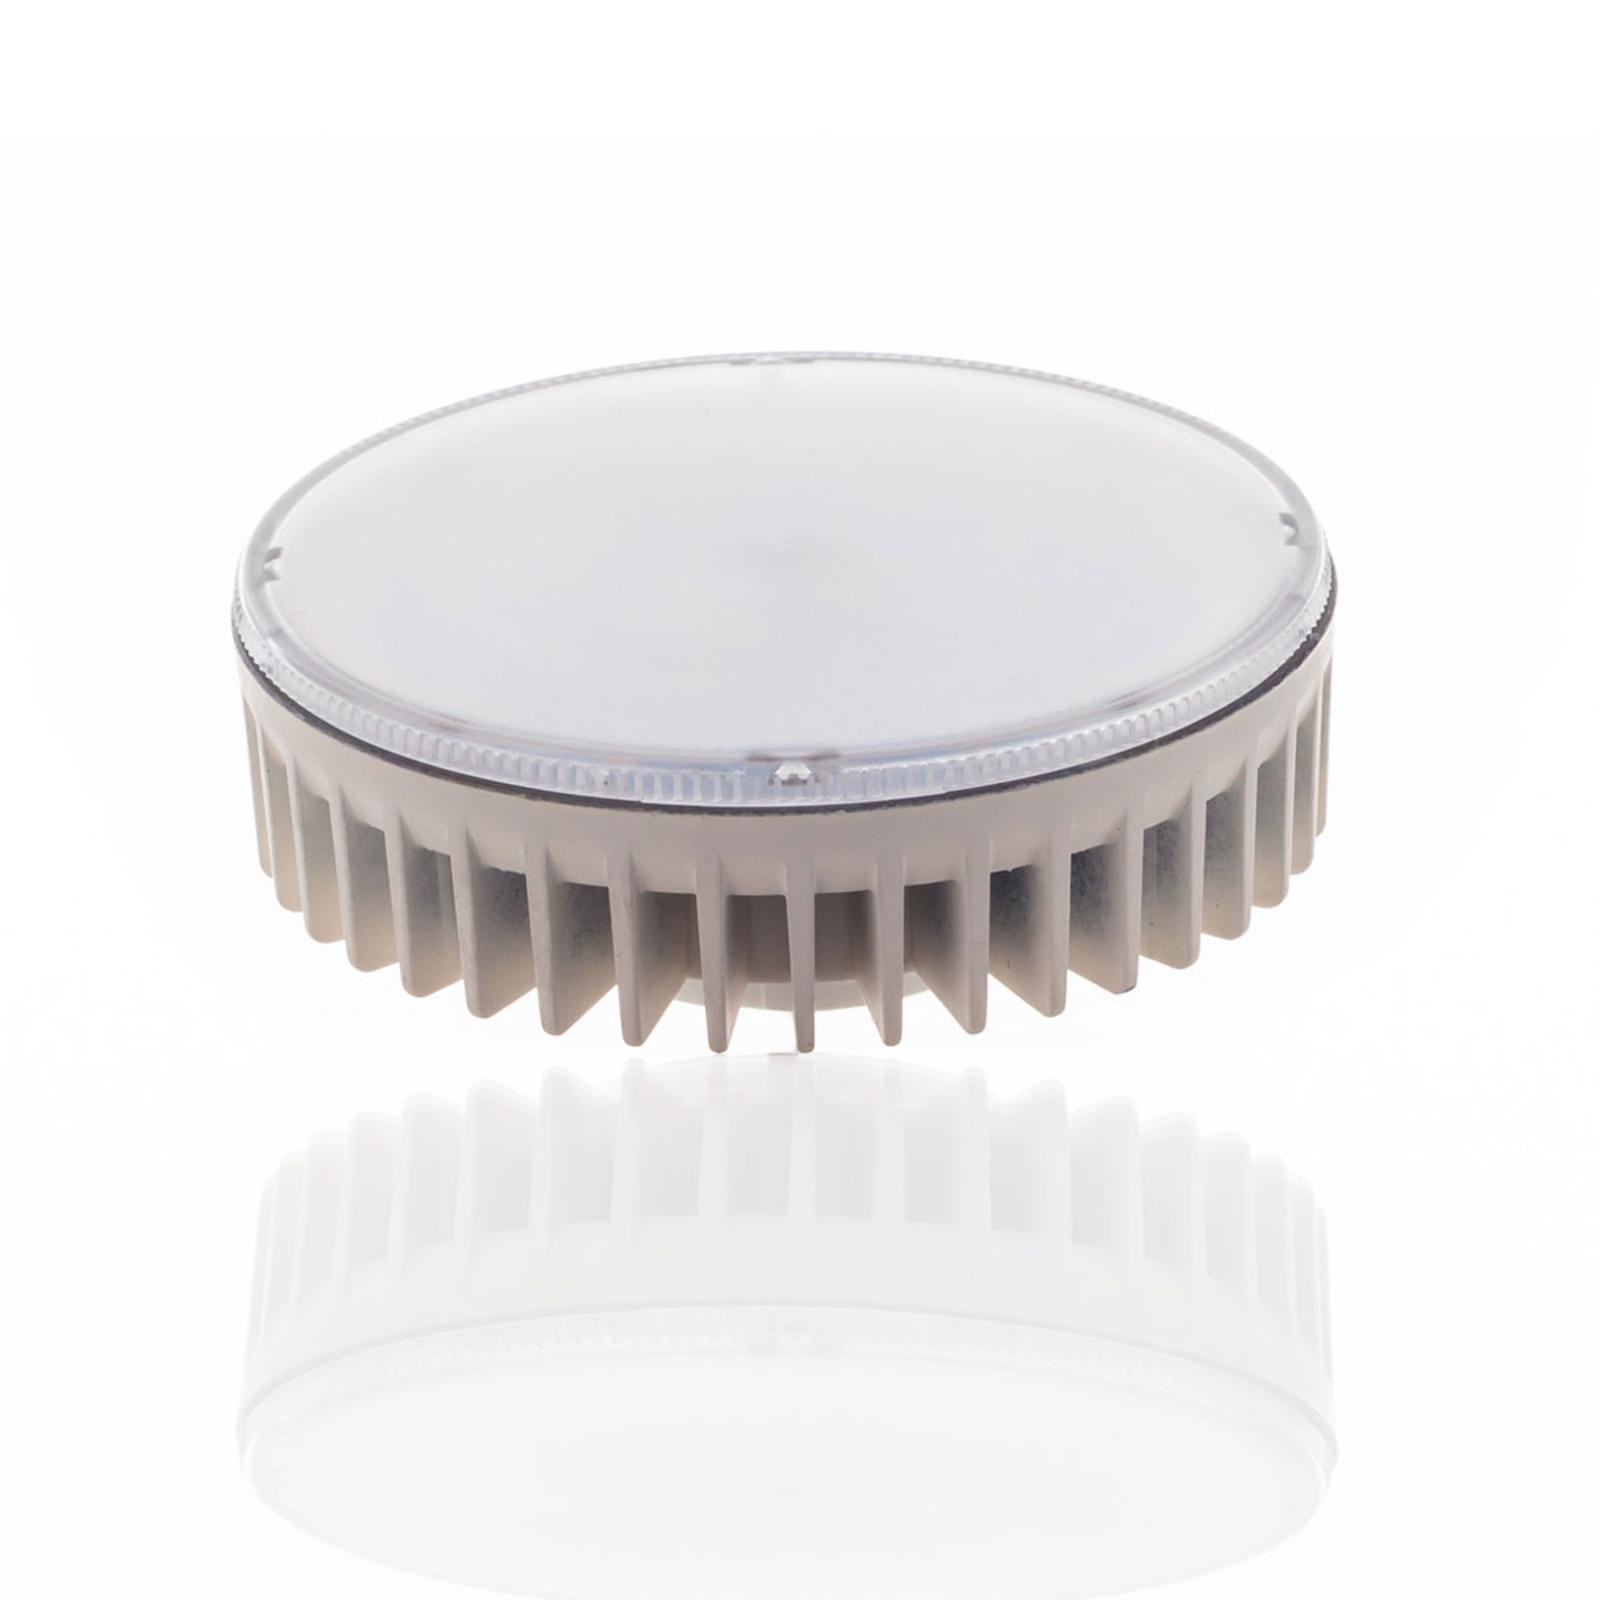 Żarówka LED GX53 7W z 800 lm - ciepła biel